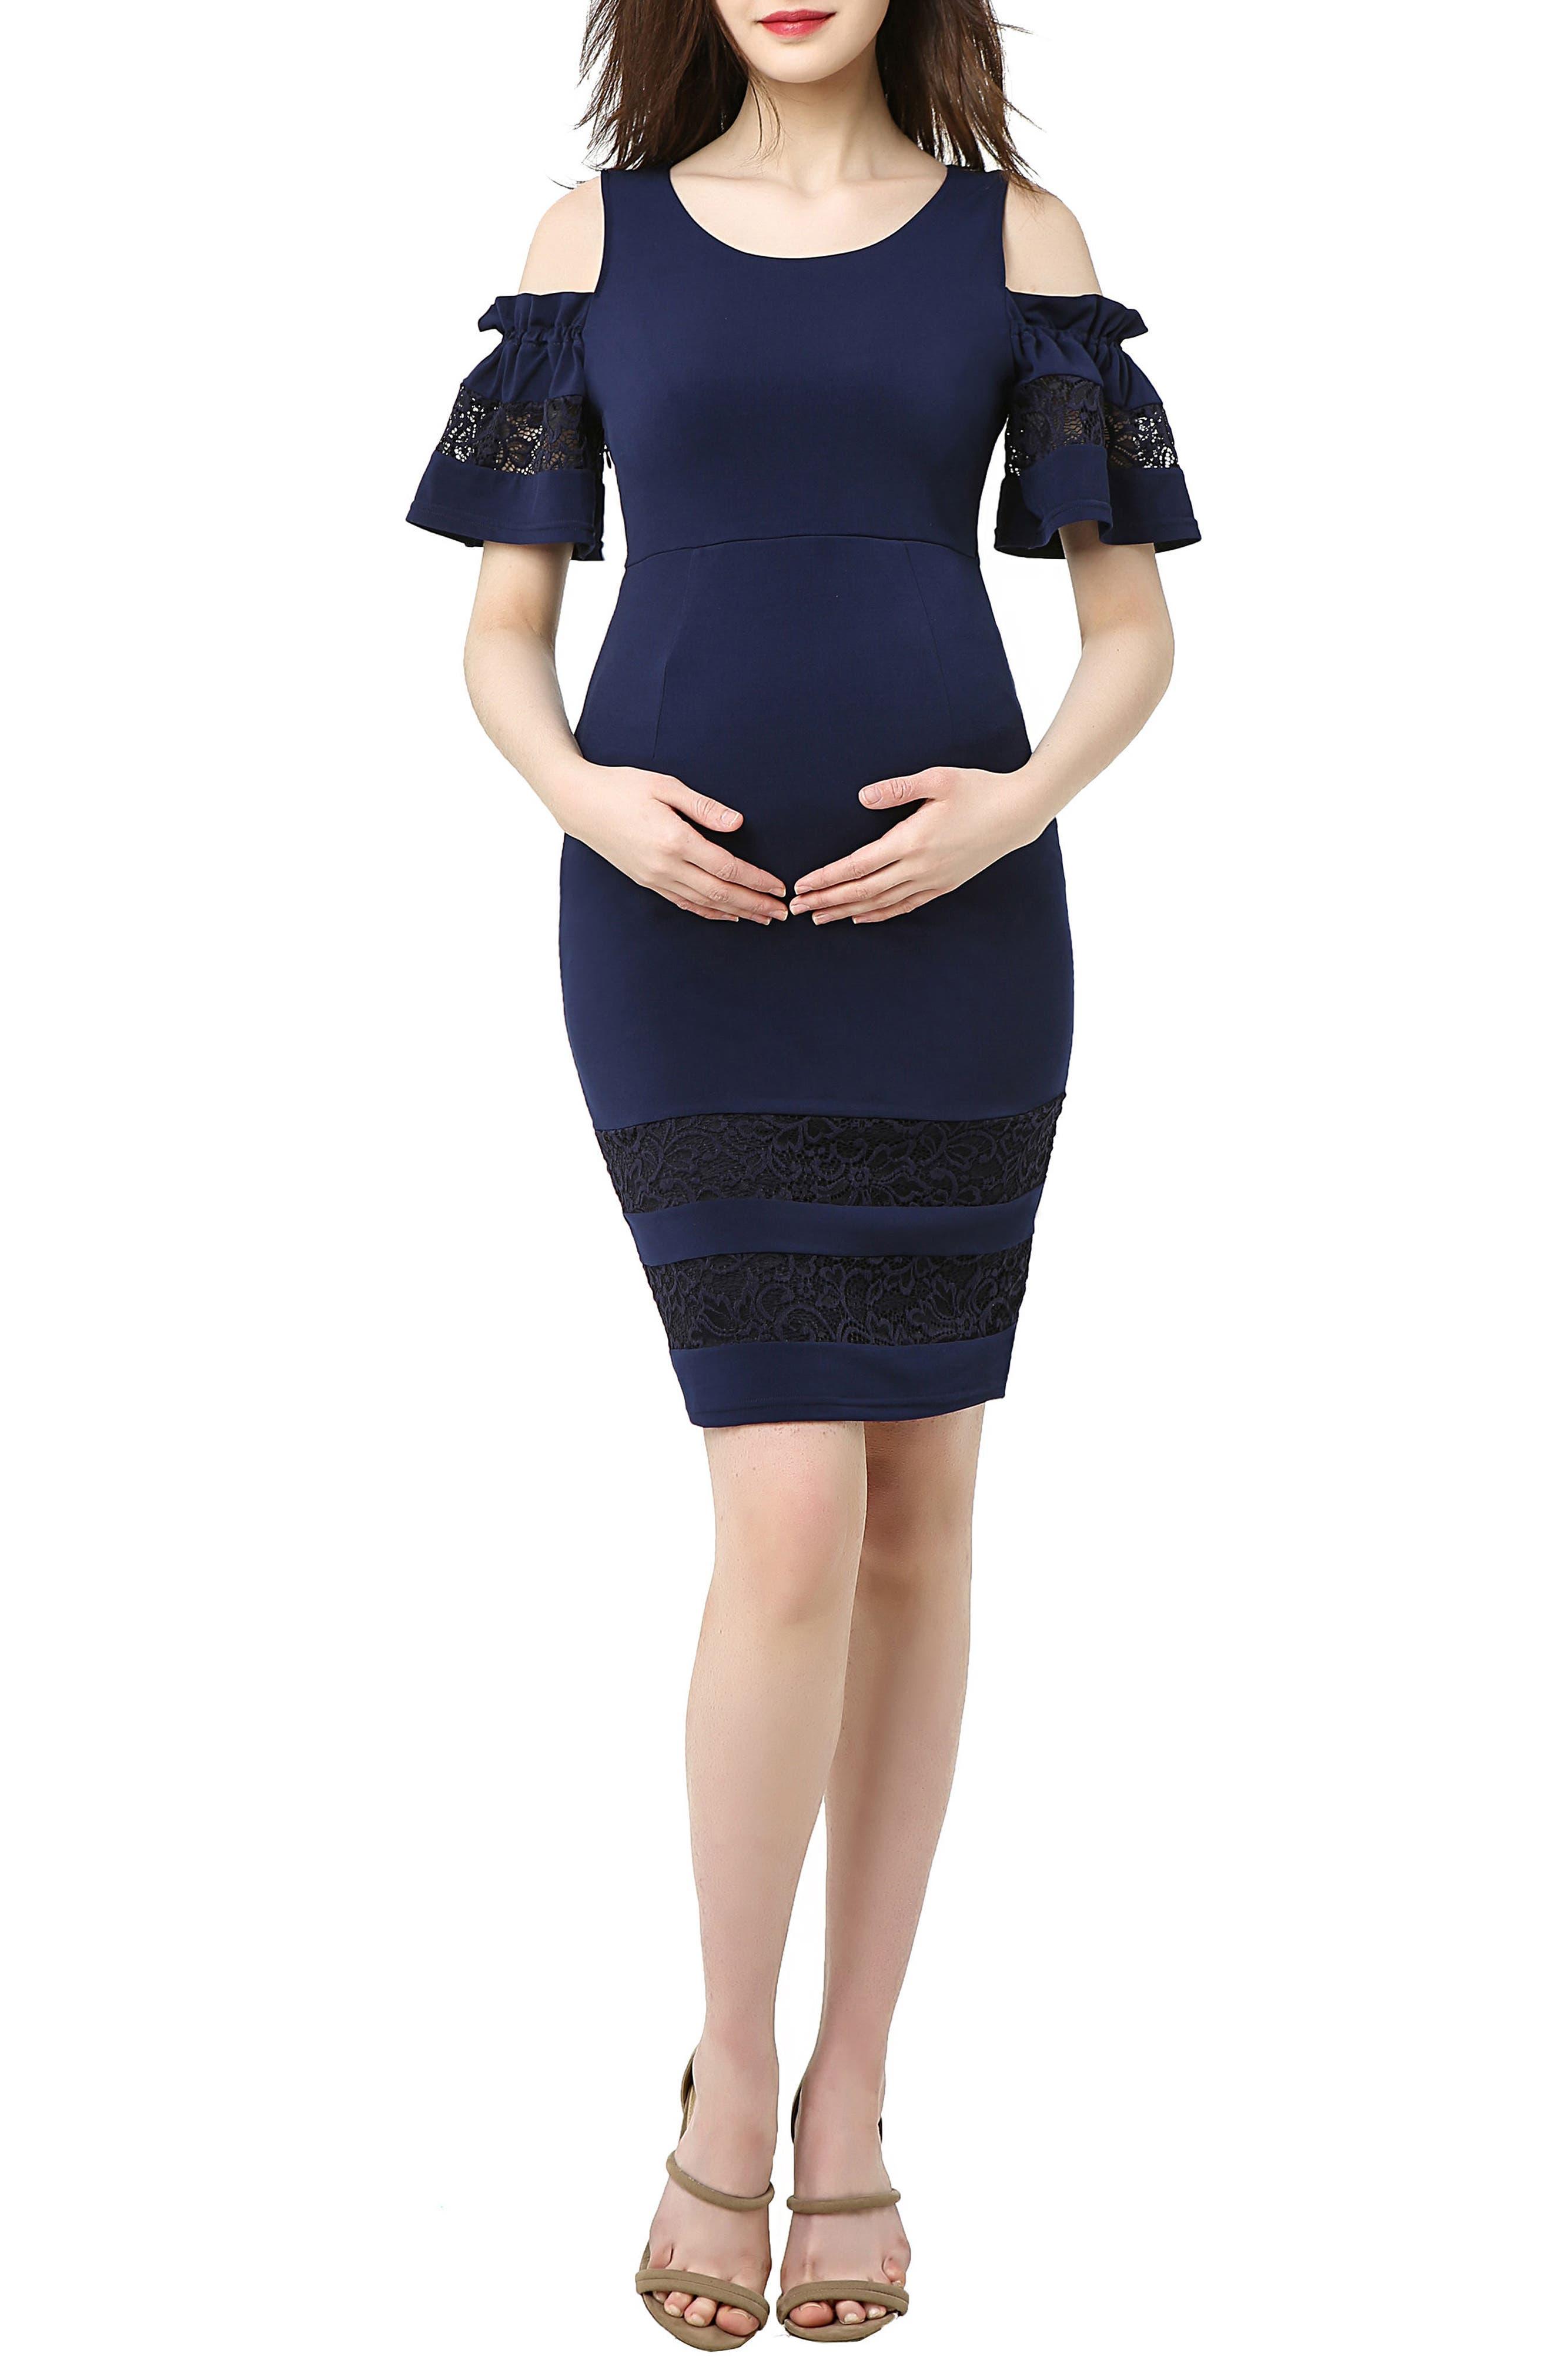 Marissa Cold Shoulder Maternity Sheath Dress,                             Main thumbnail 1, color,                             NAVY